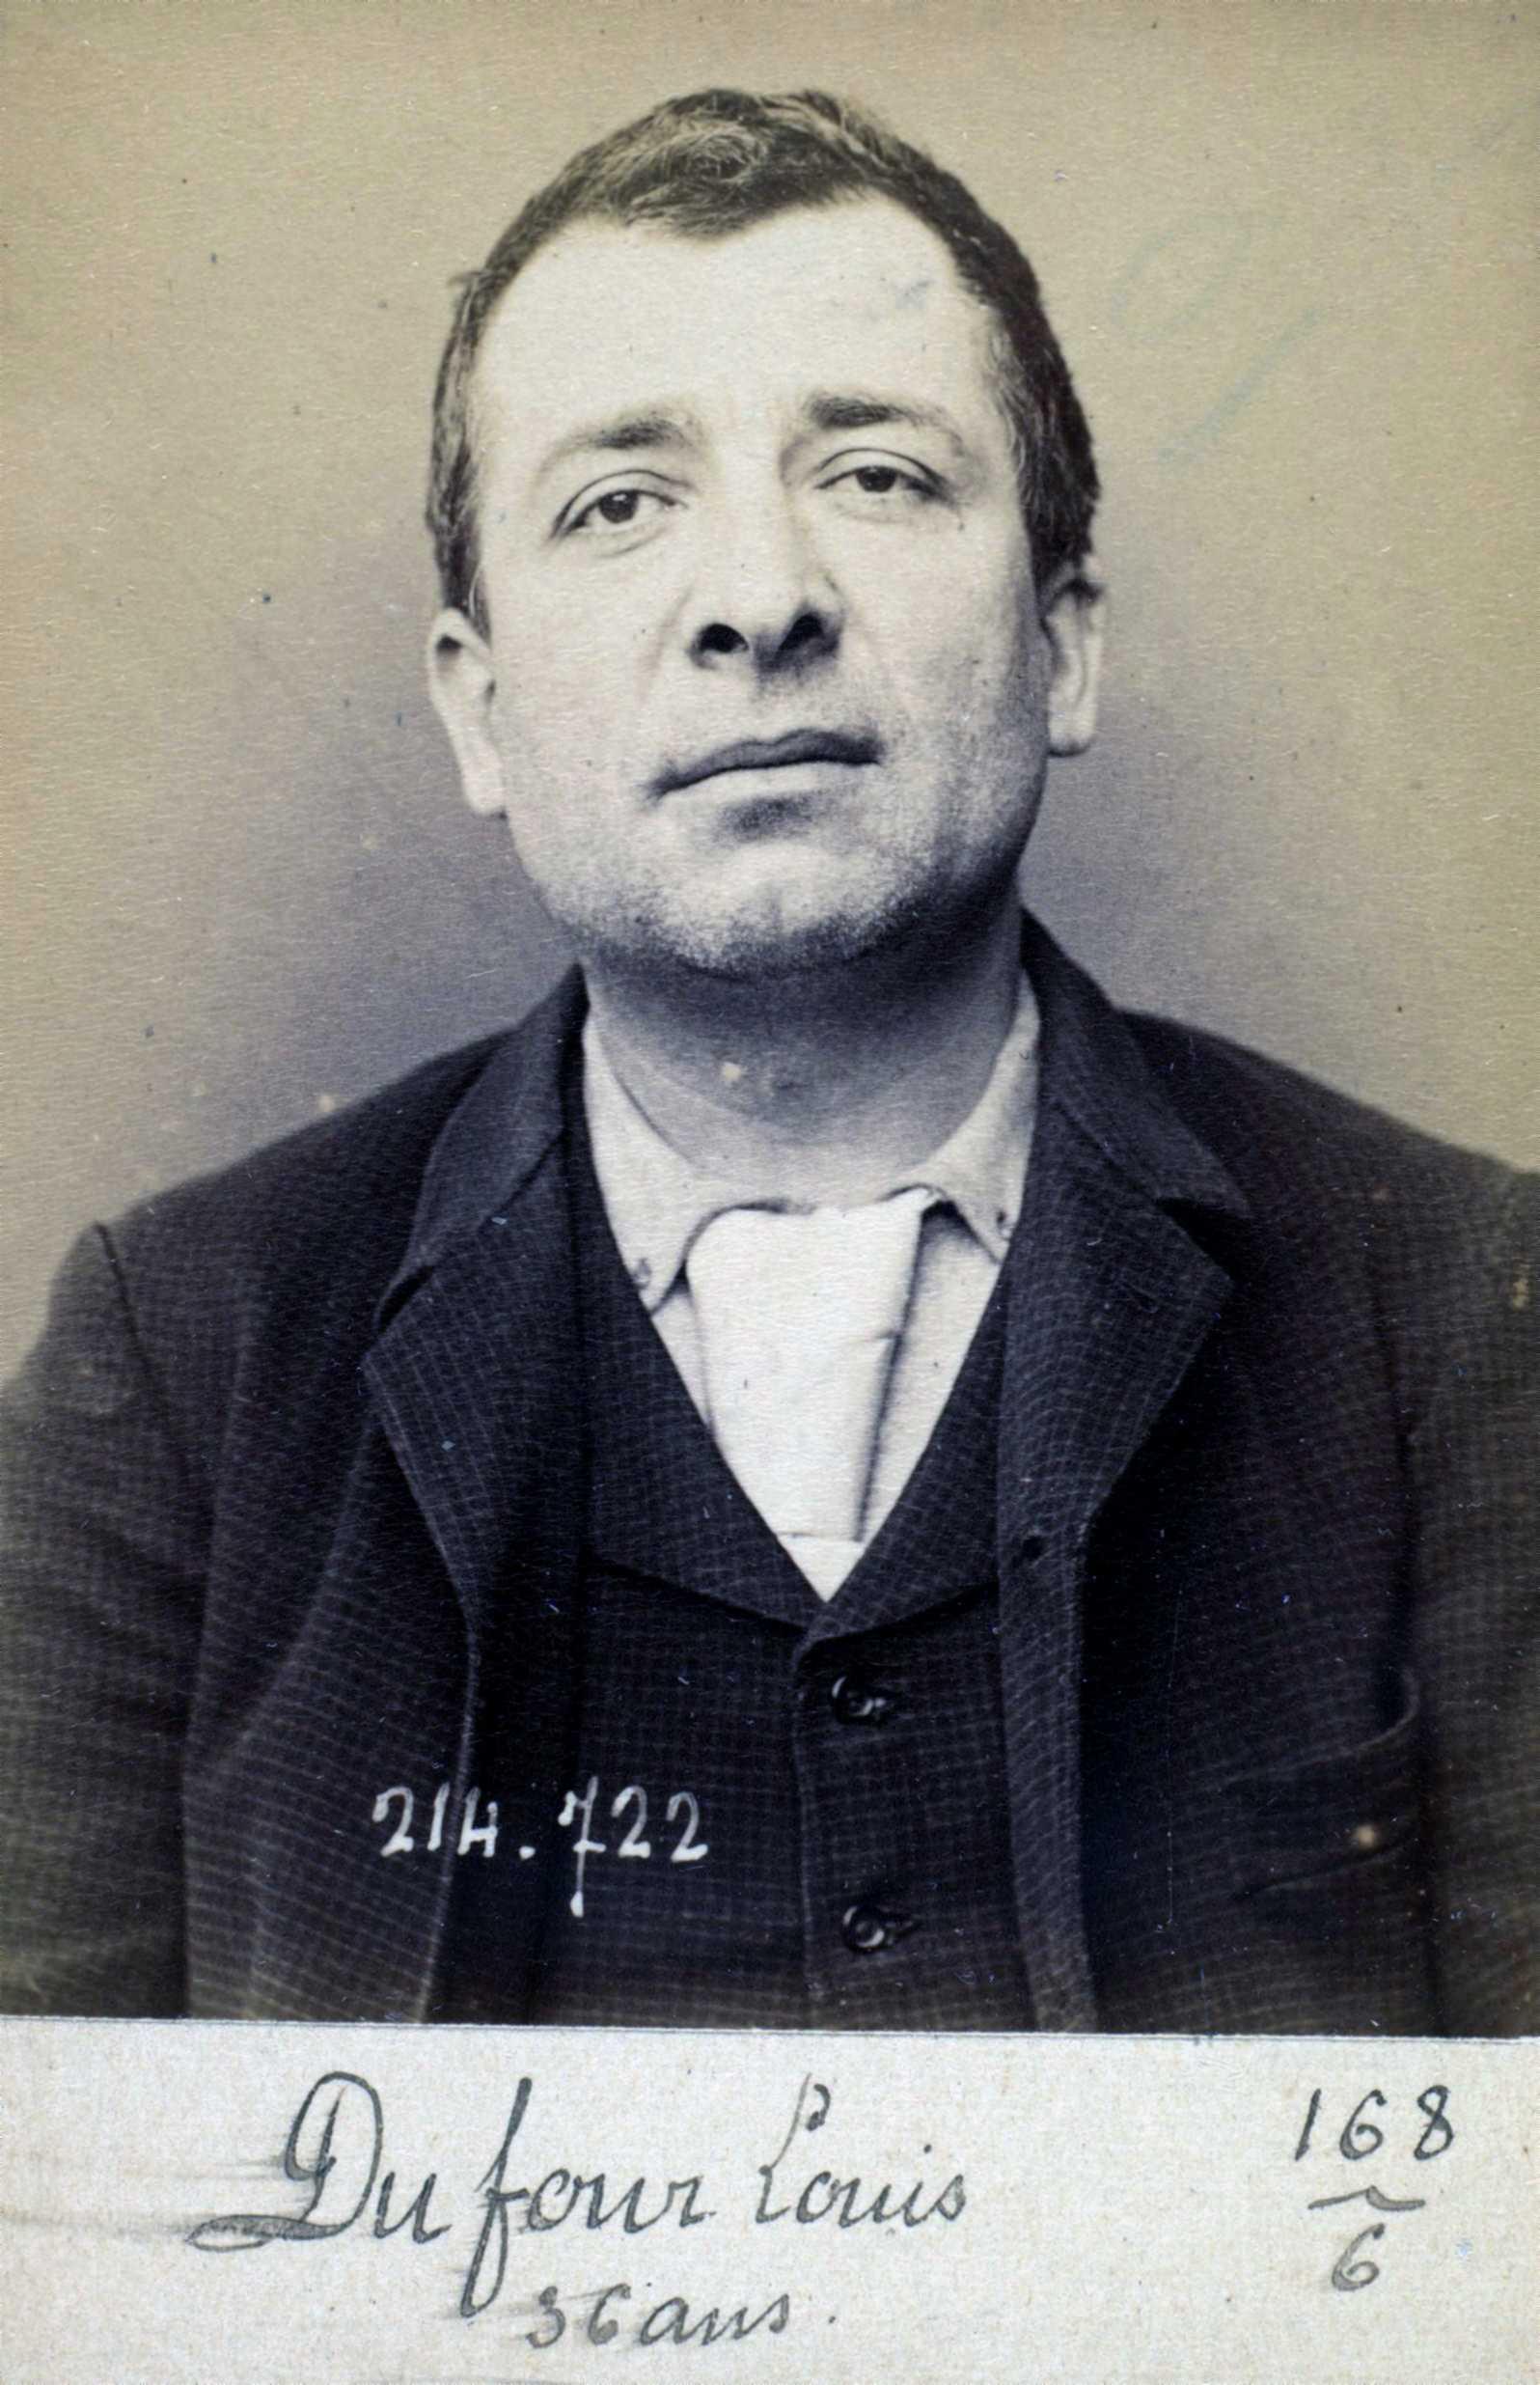 Foto policíaca de Louis Duffour (ca. 1894)